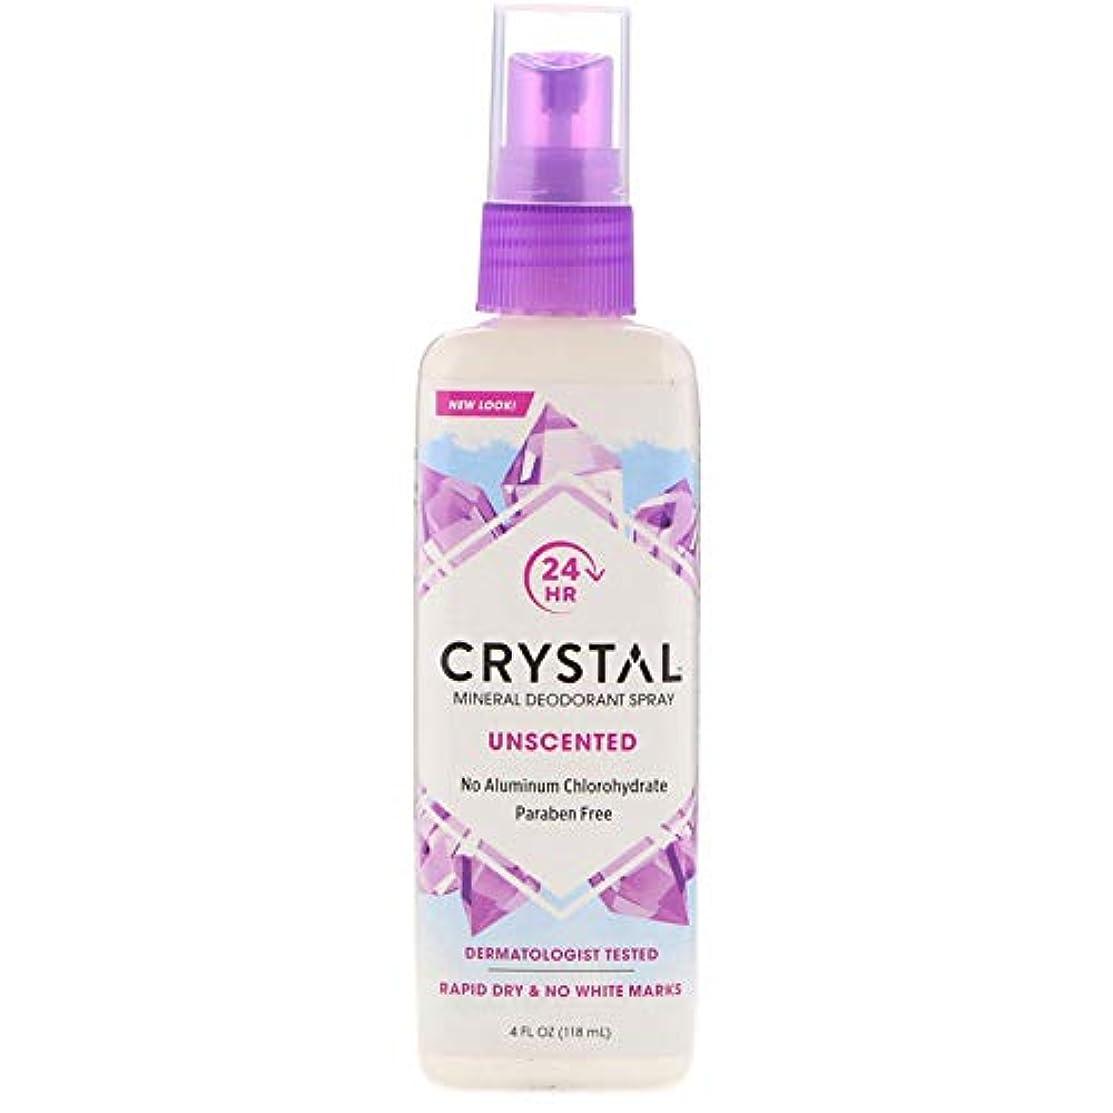 ハロウィン快いただクリスタル(Crystal) ミネラルデオドラントスプレー(無香料) 118ml [並行輸入品]